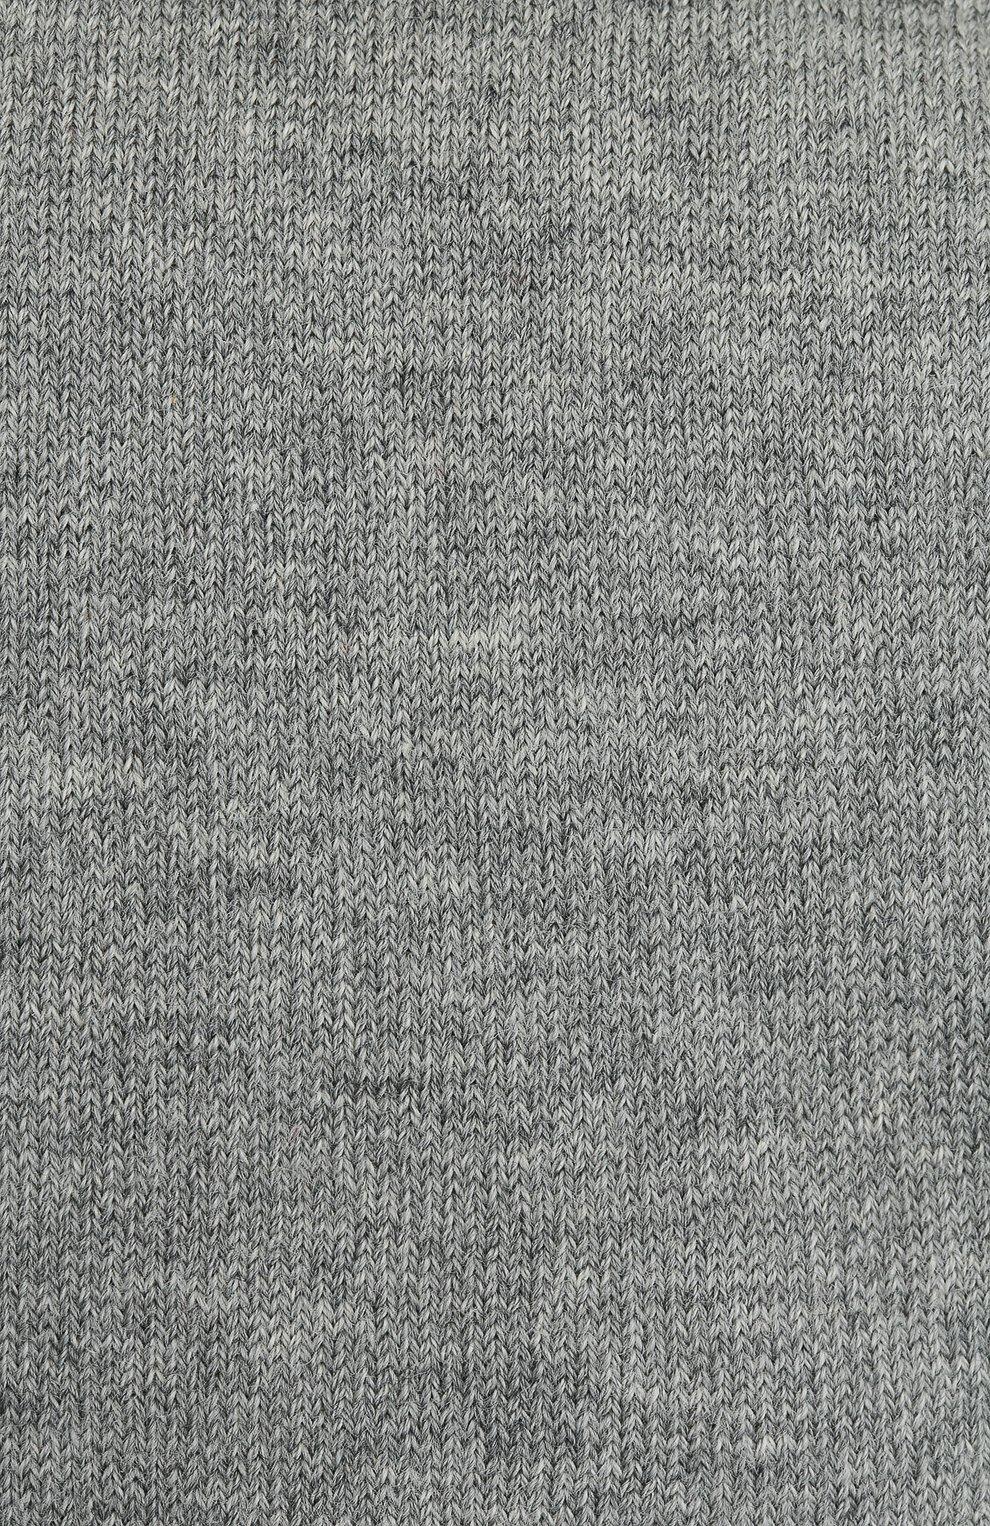 Детские гольфы FALKE серого цвета, арт. 11645. | Фото 2 (Материал: Текстиль, Хлопок)